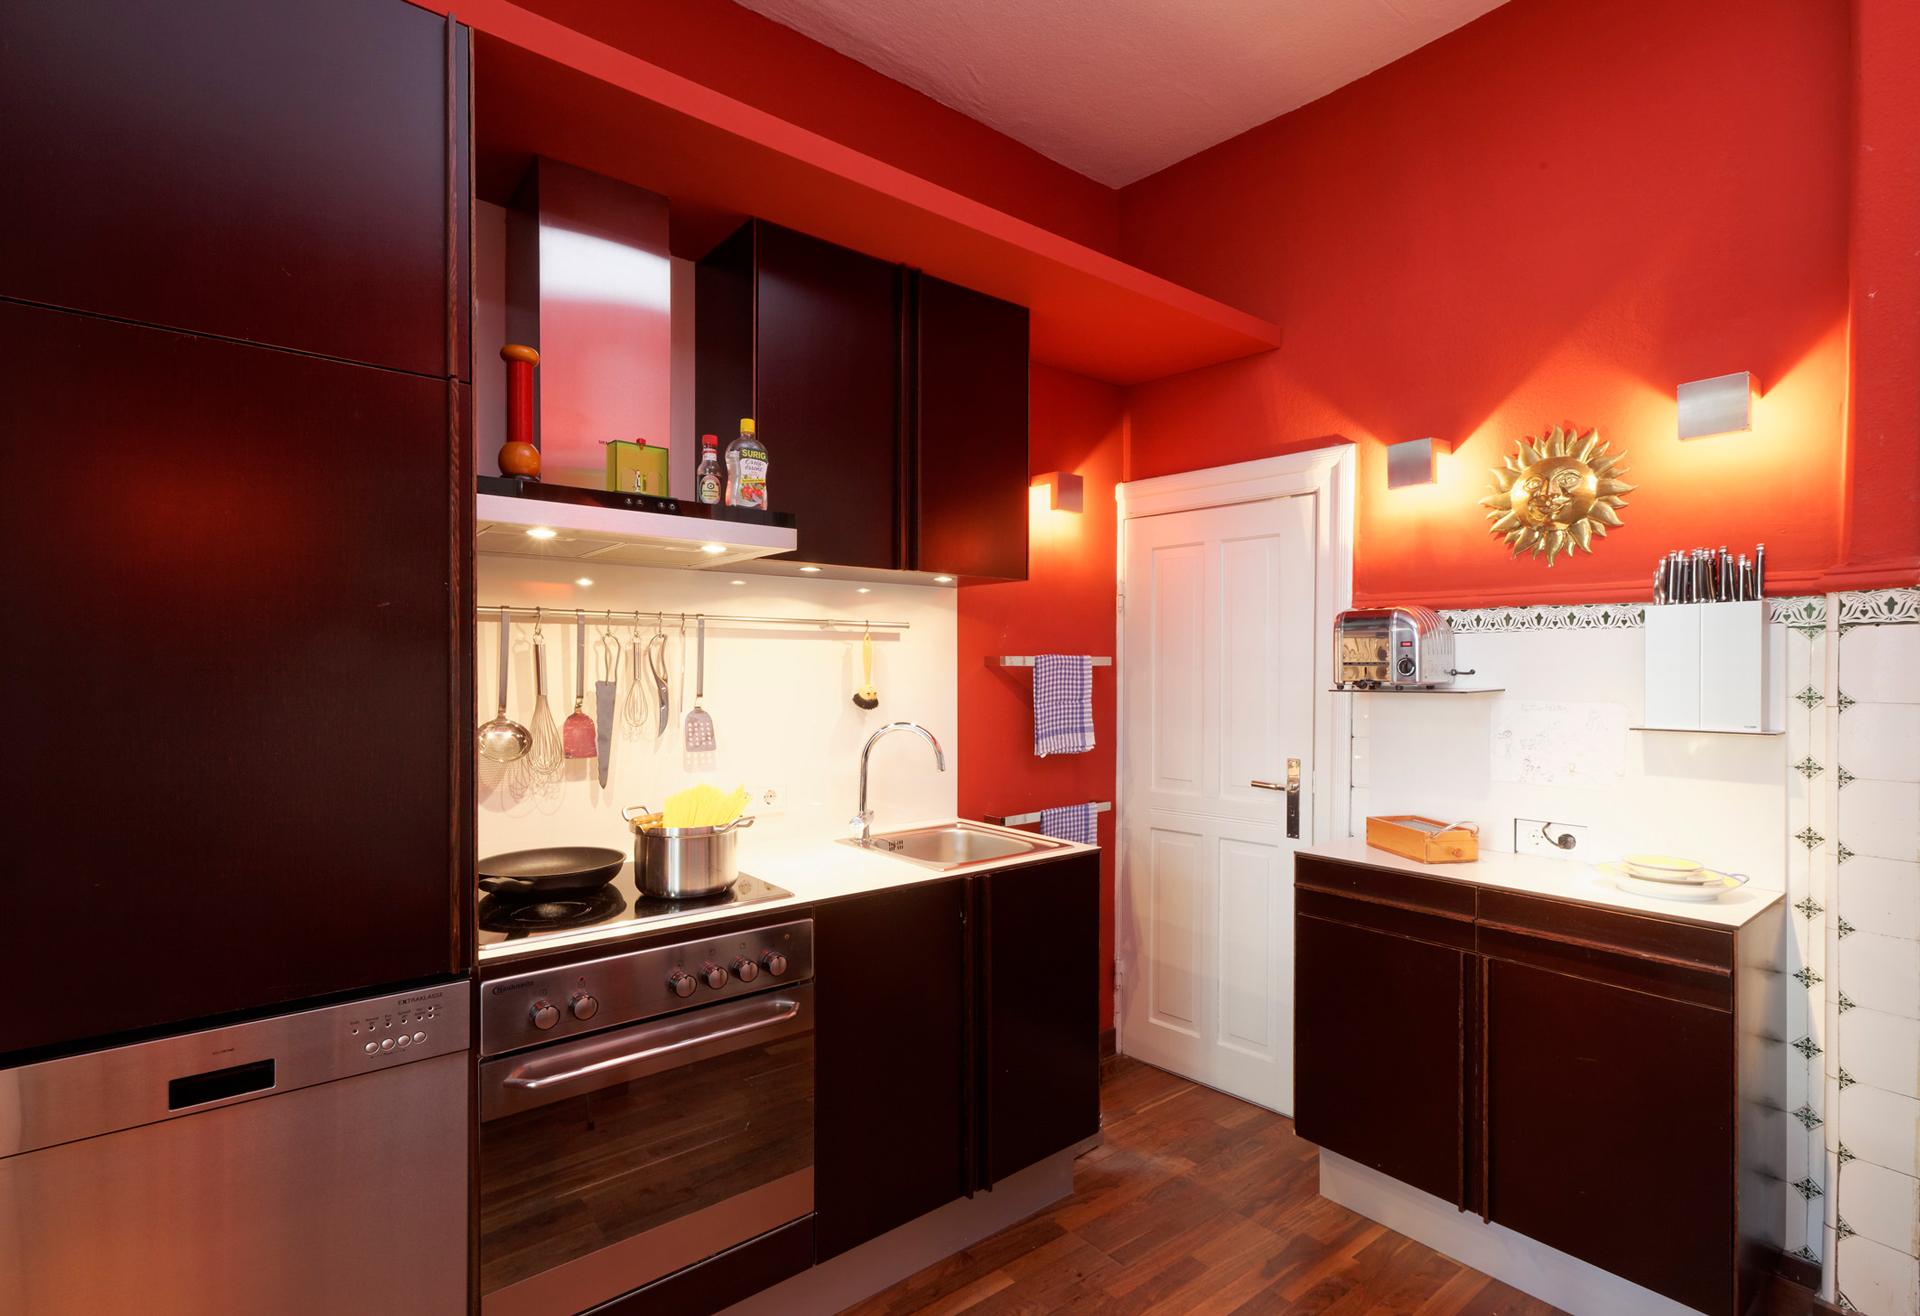 Foto: Die Küche, eine einfache Multiplexküche im Farbton Oskura